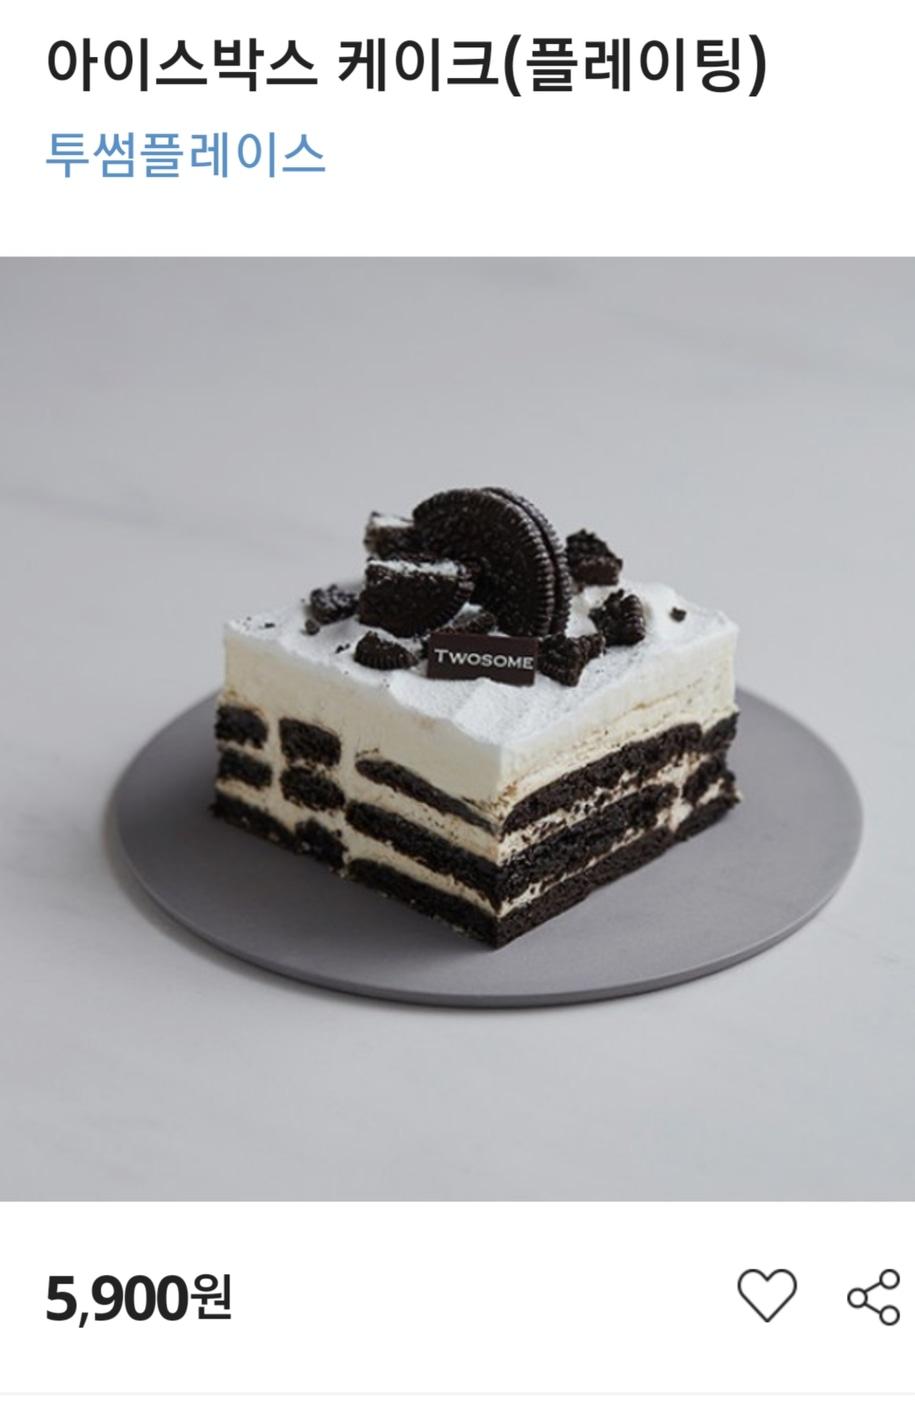 투썸플레이스 케익 교환권